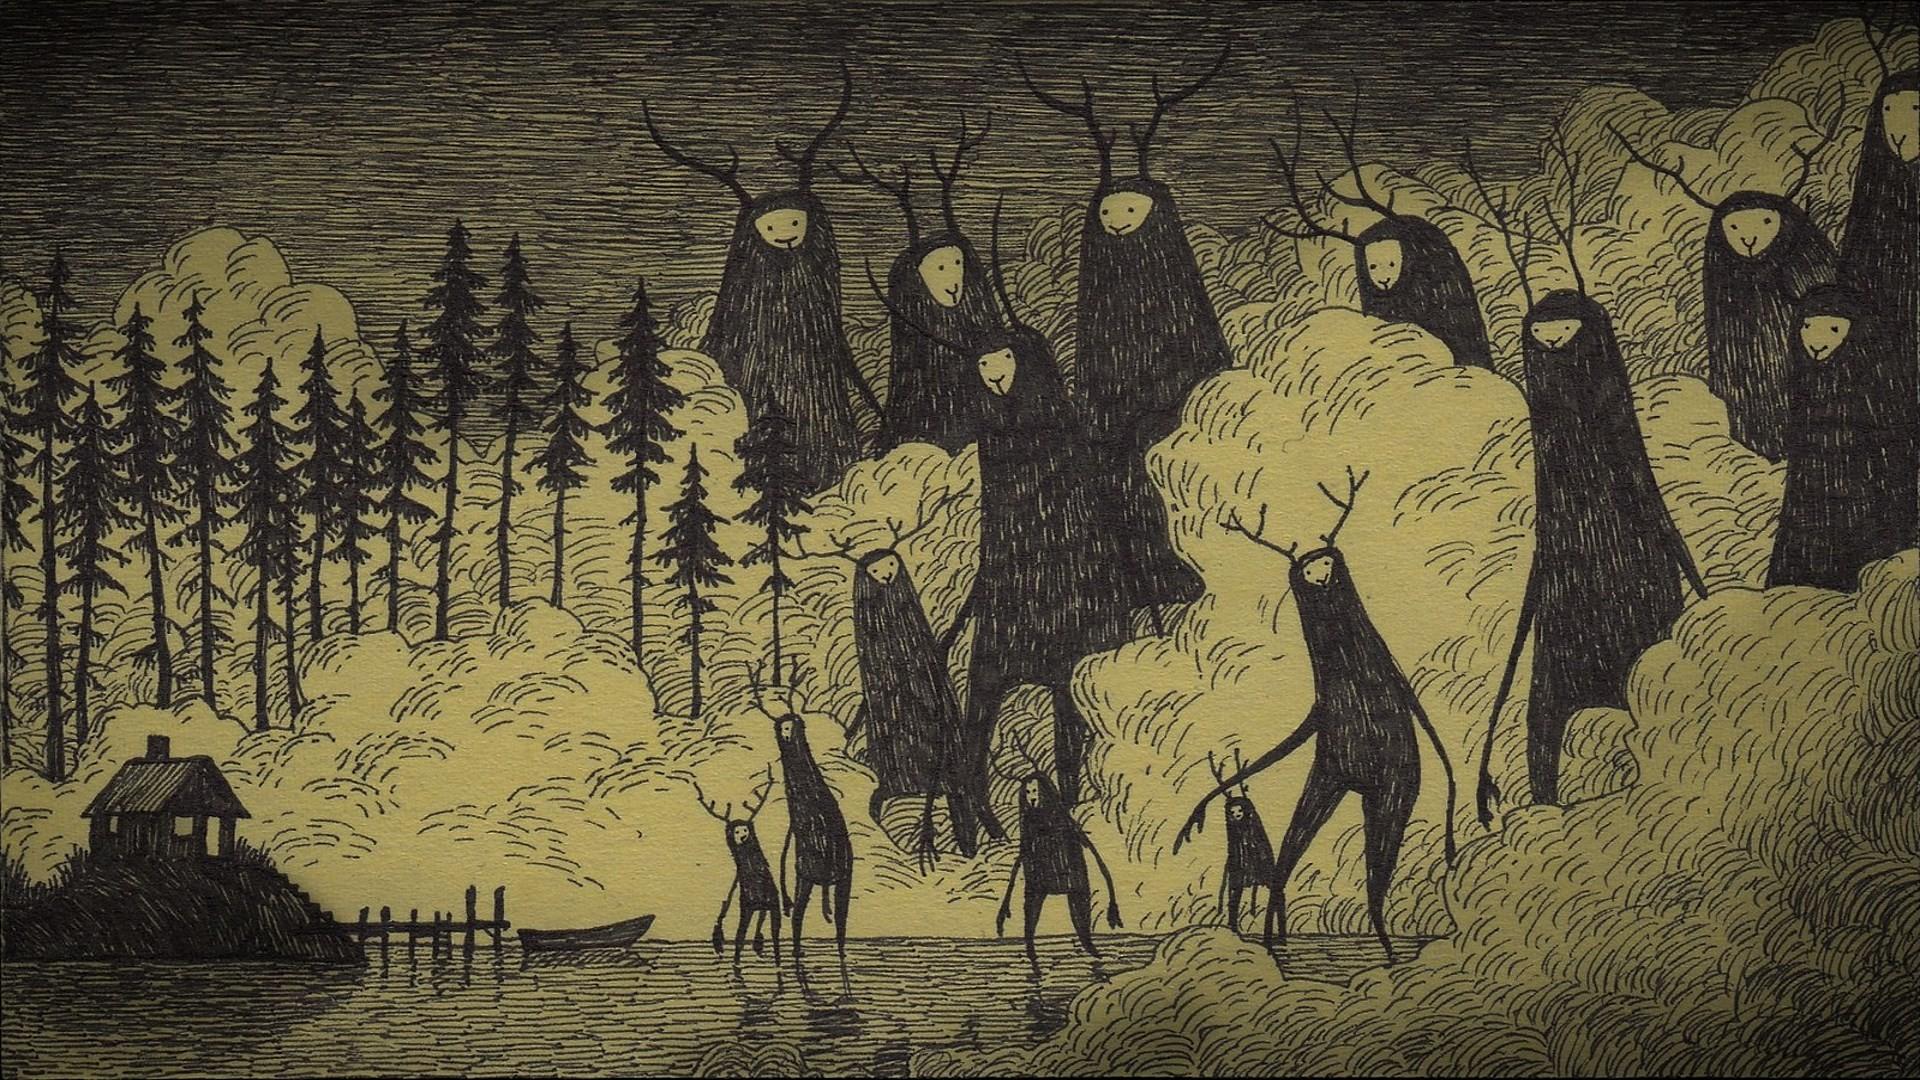 creepy wallpaper 65 images